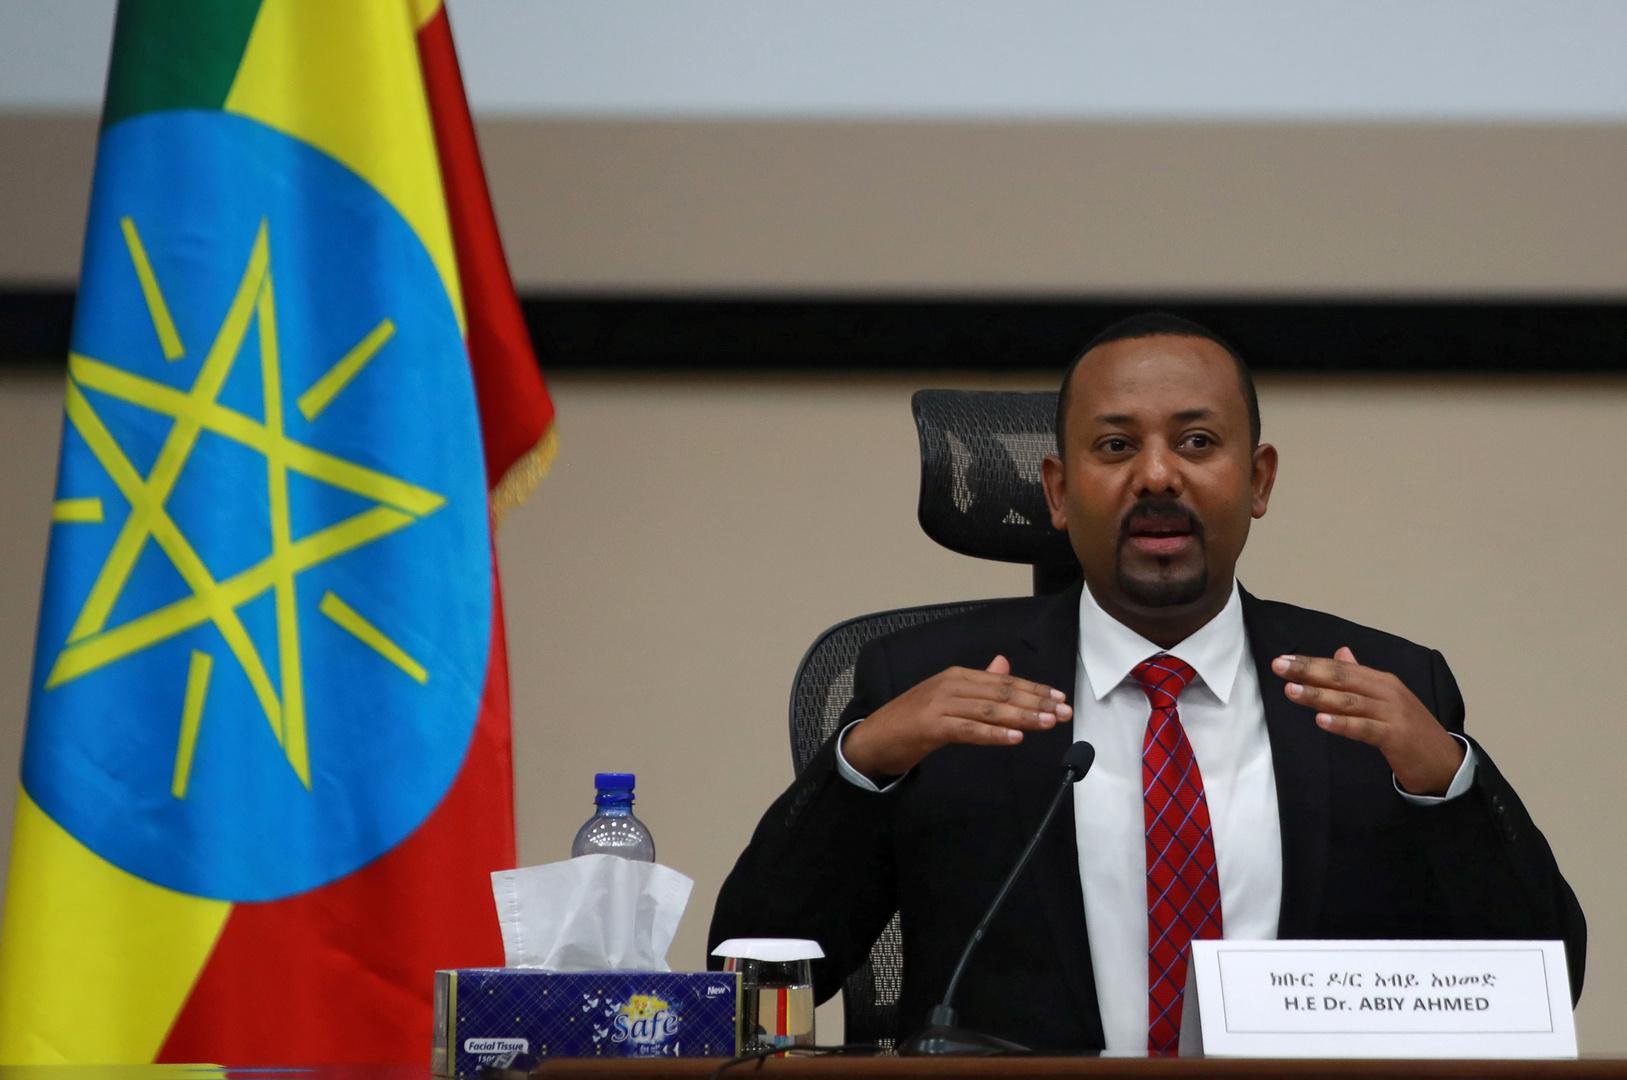 رئيس وزراء إثيوبيا مخاطبا الأفارقة : تضامنكم معنا جدير بالثناء ونحن بأمس الحاجة إليه